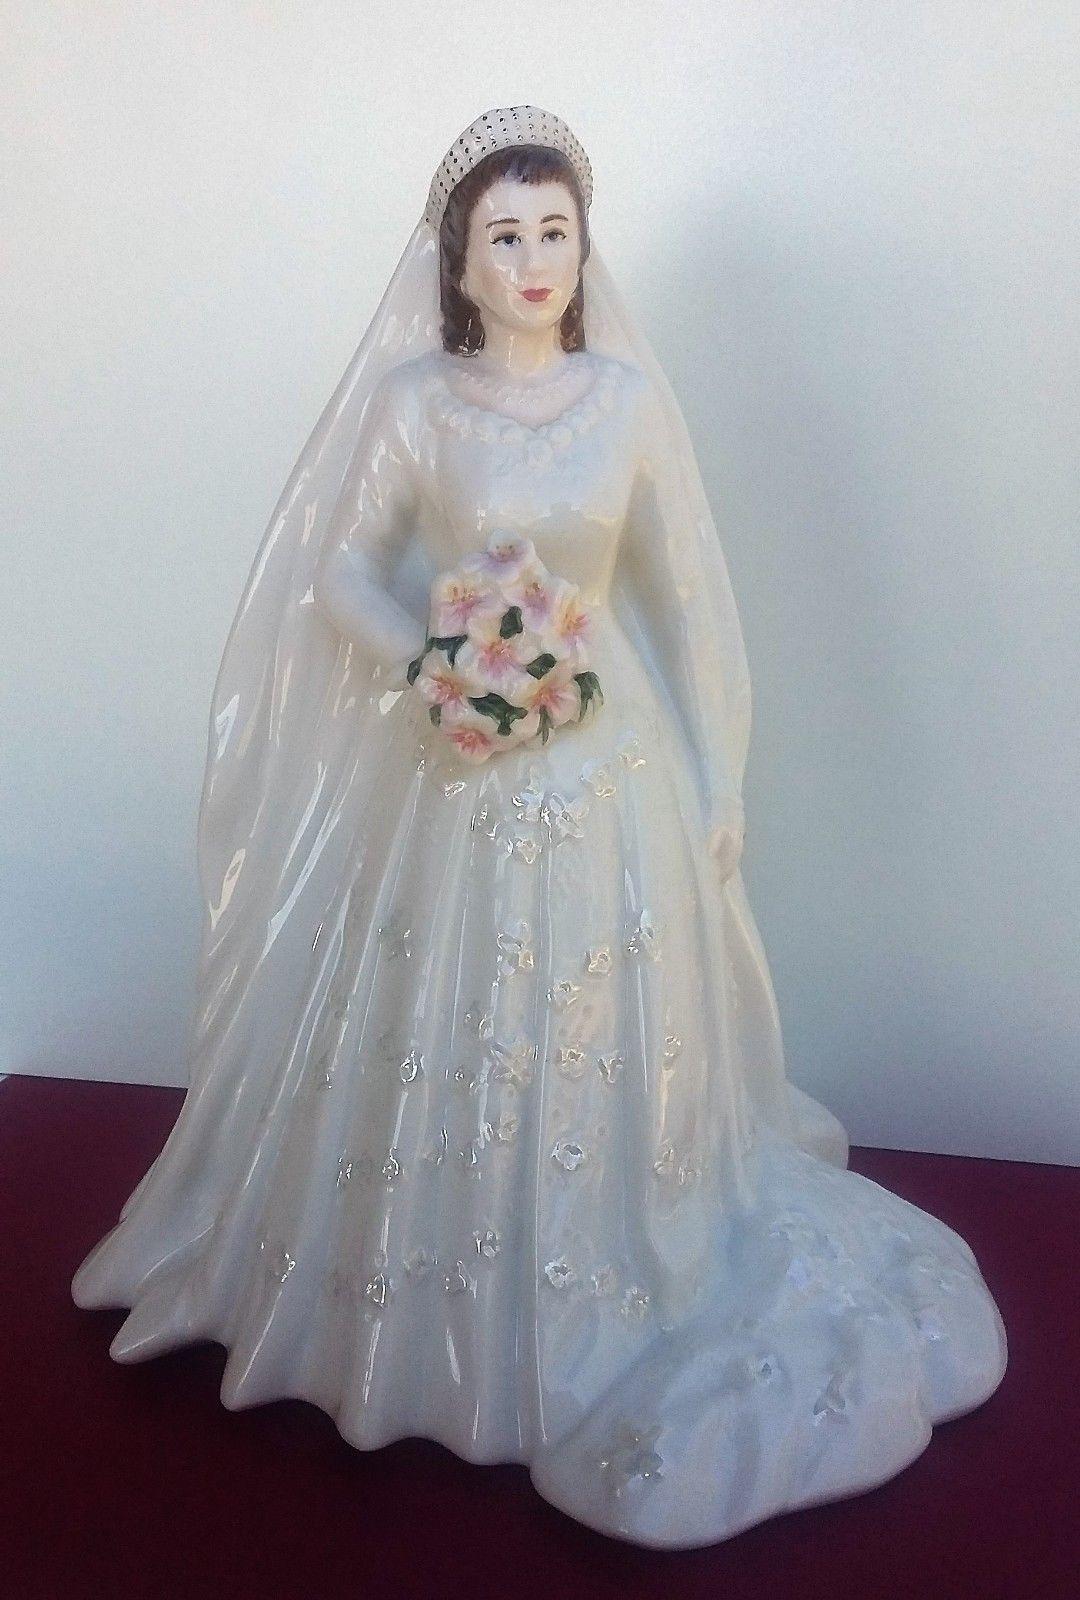 Royal Worcester figurine 'Queen Elizabeth II' Diamond